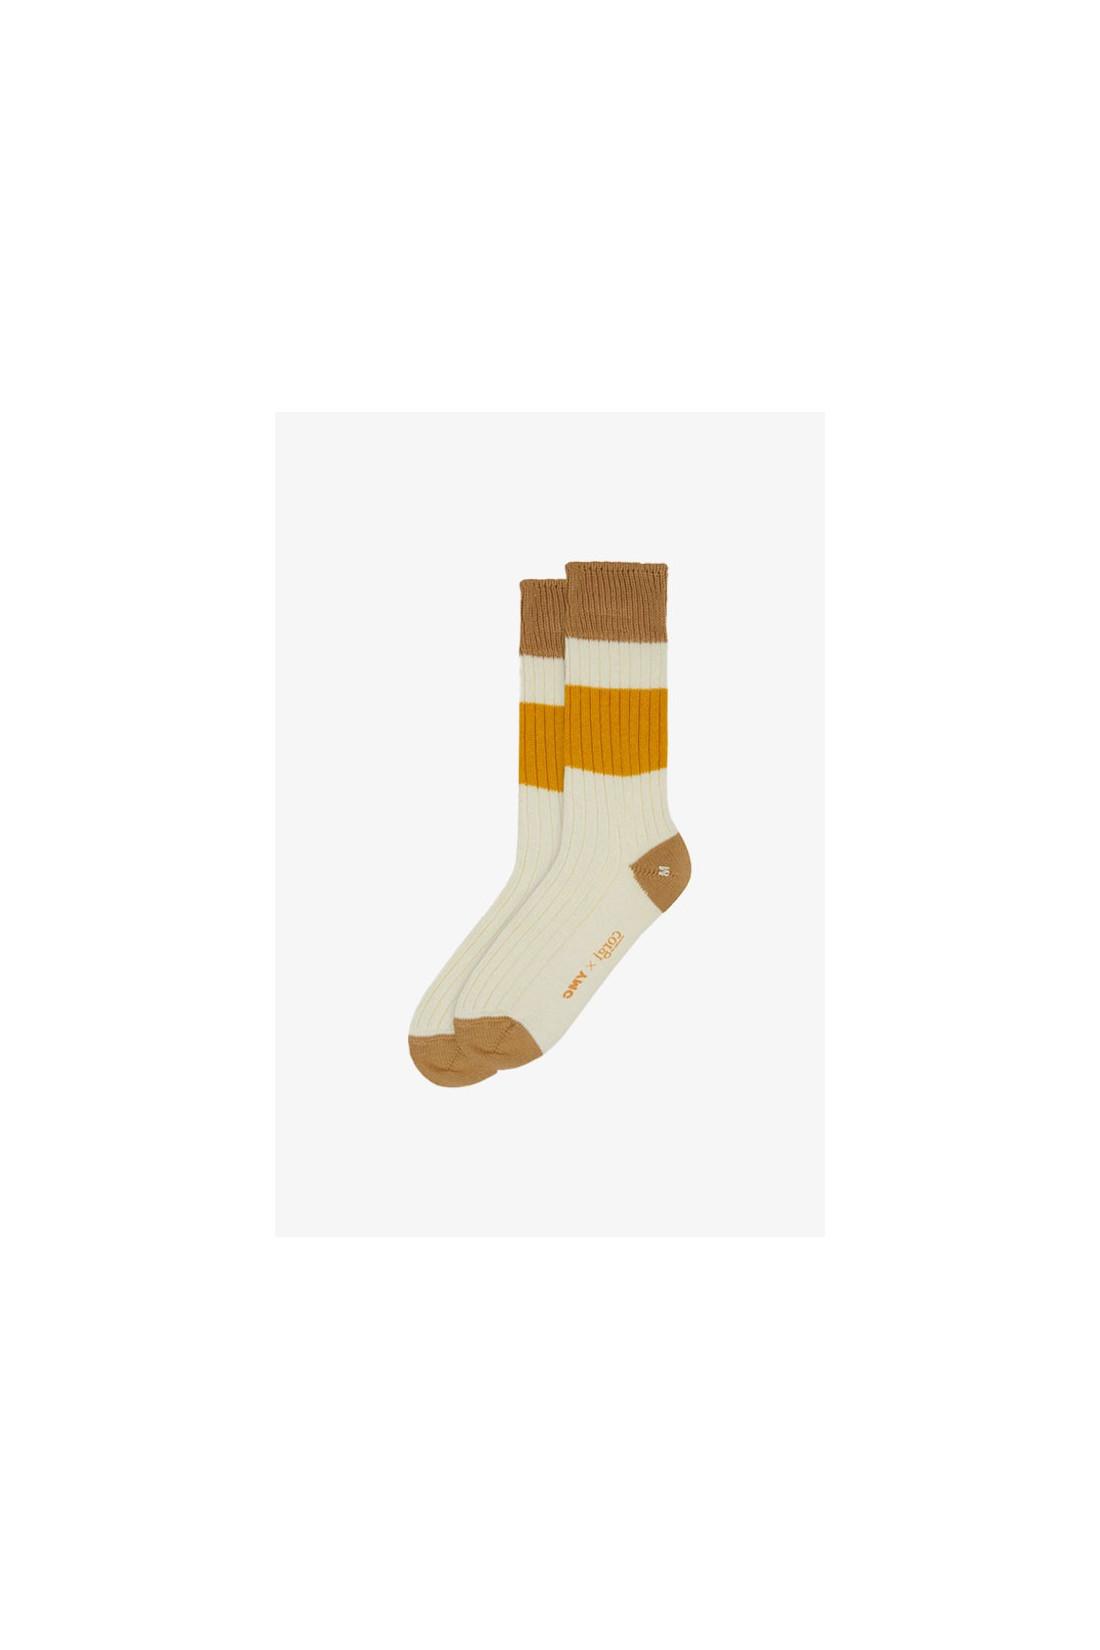 YMC / Sport cotton rib sport socks Ecru / sand